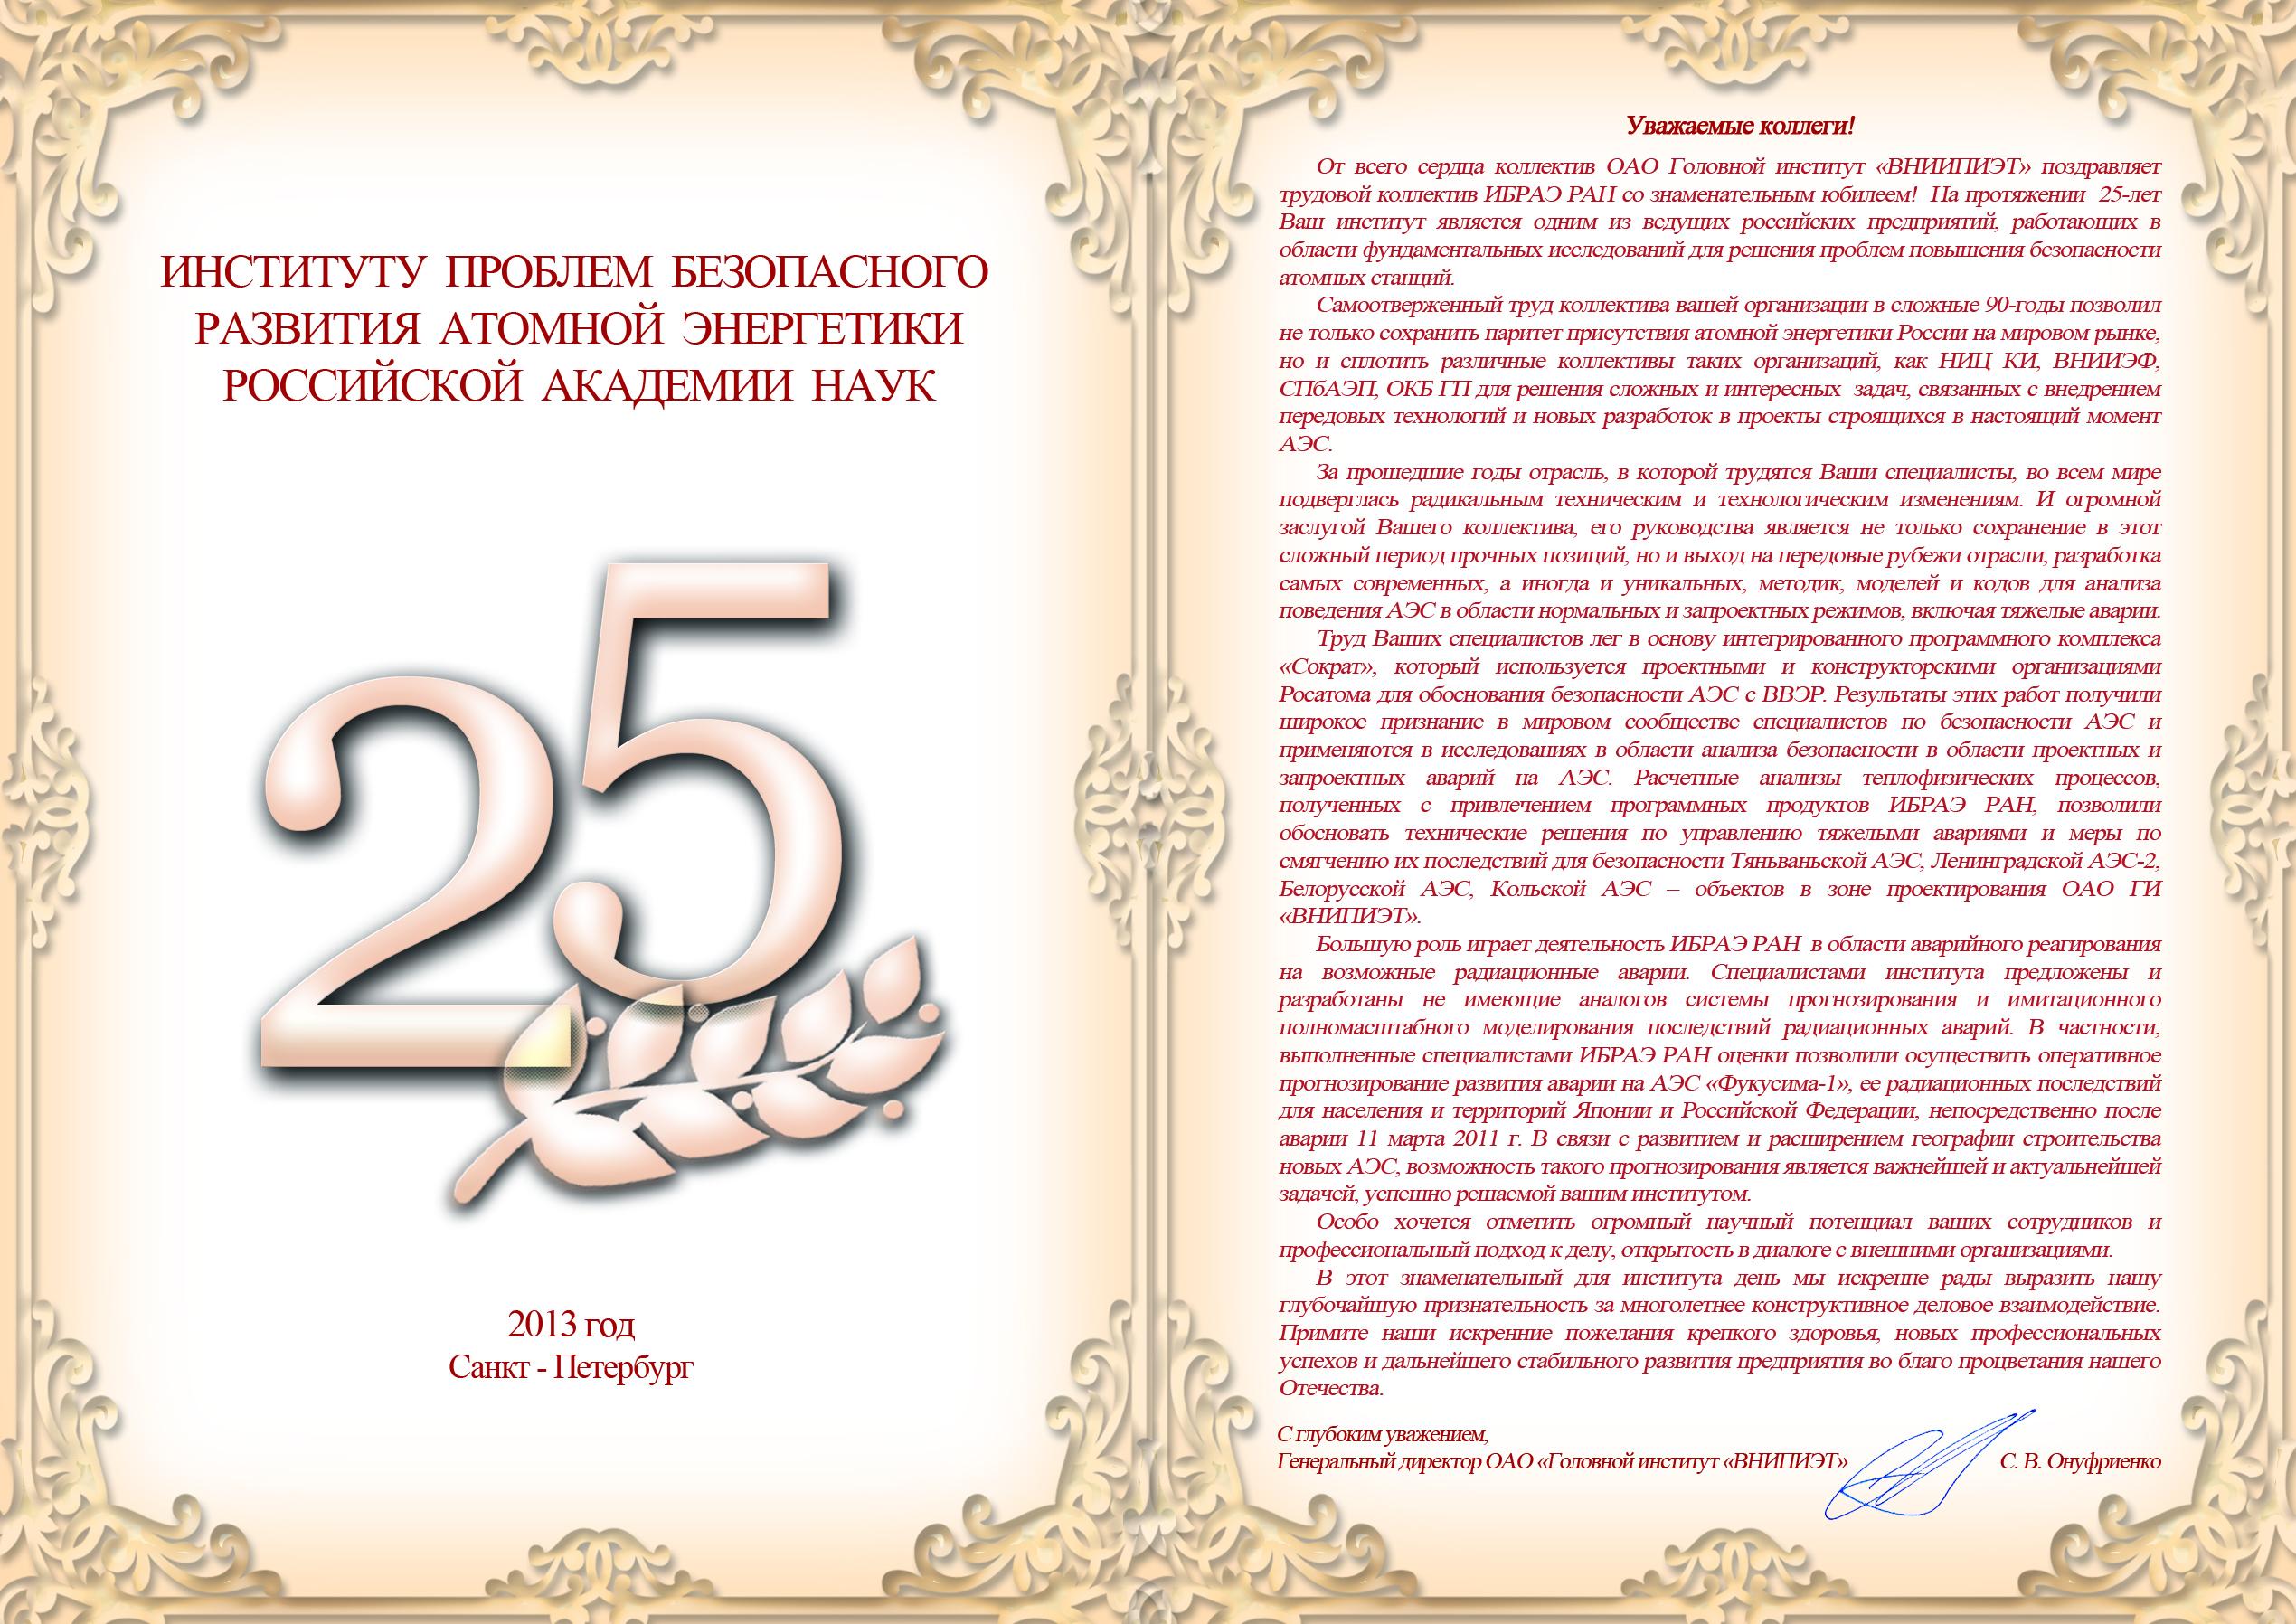 Поздравление компании с 25 летием